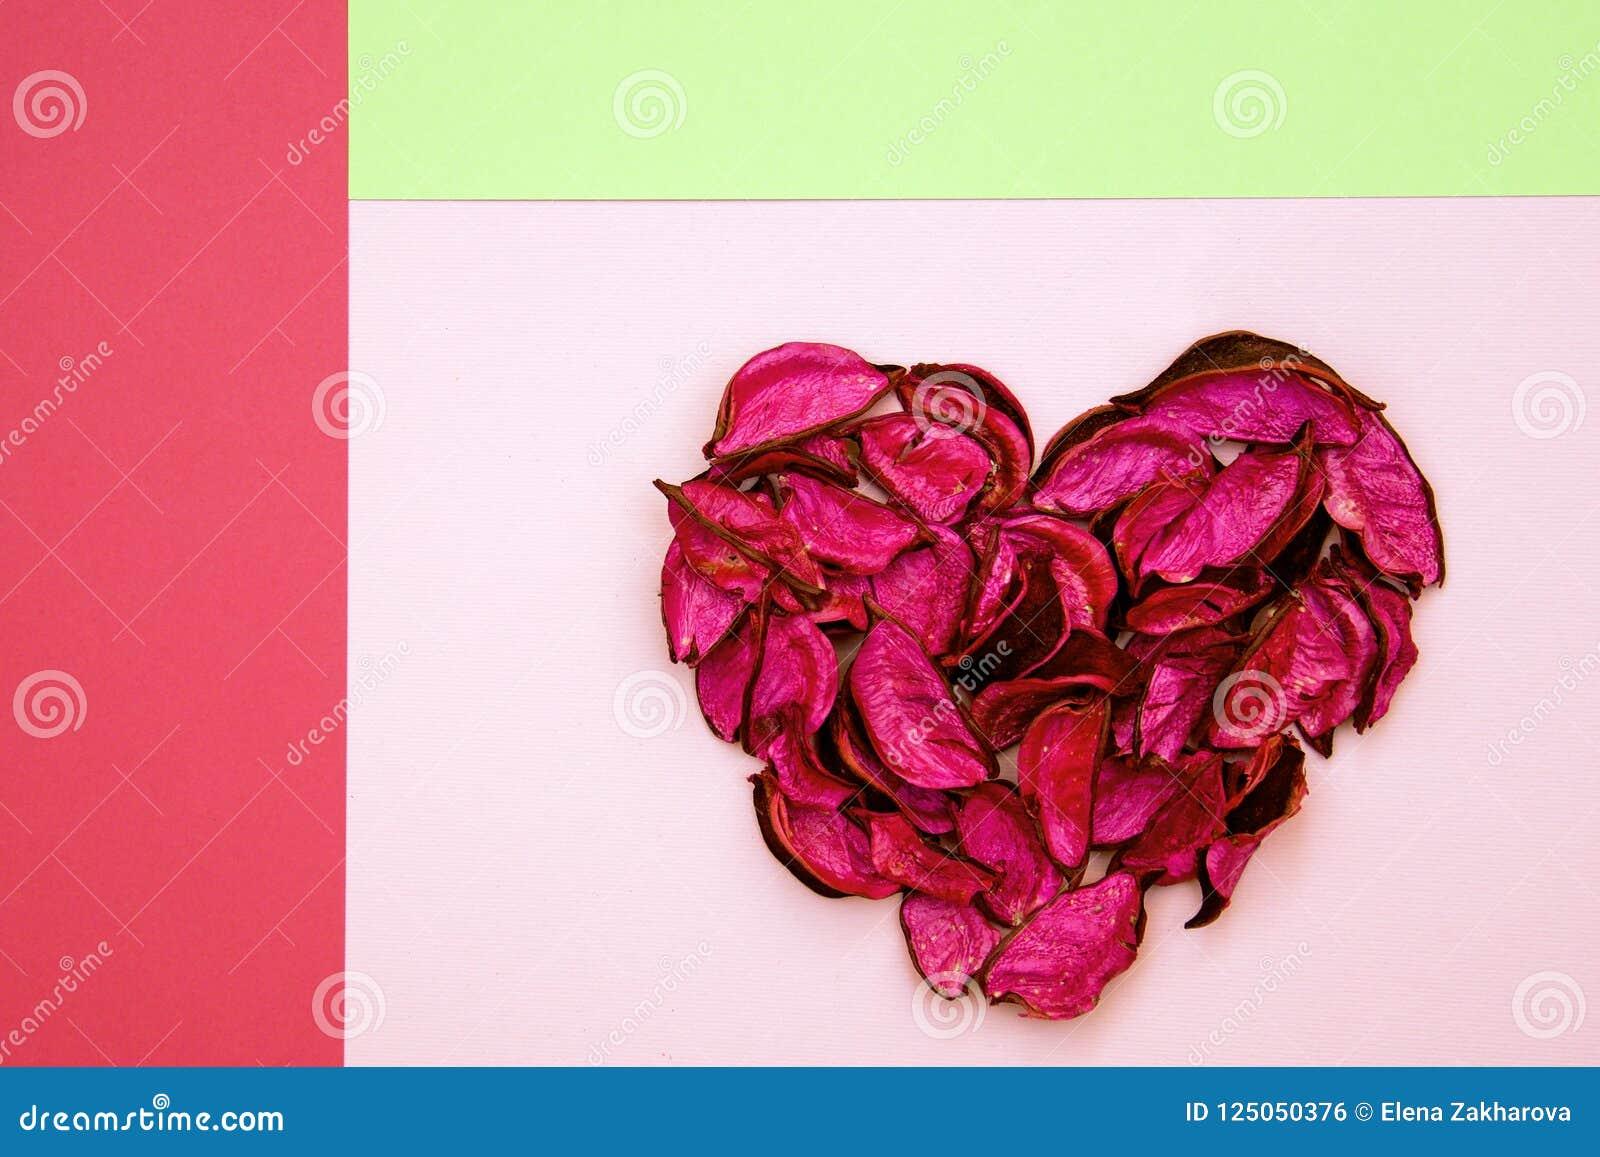 Abstraktes Herz gemacht von getrockneten Blumenblättern auf buntem geometrischem Hintergrund